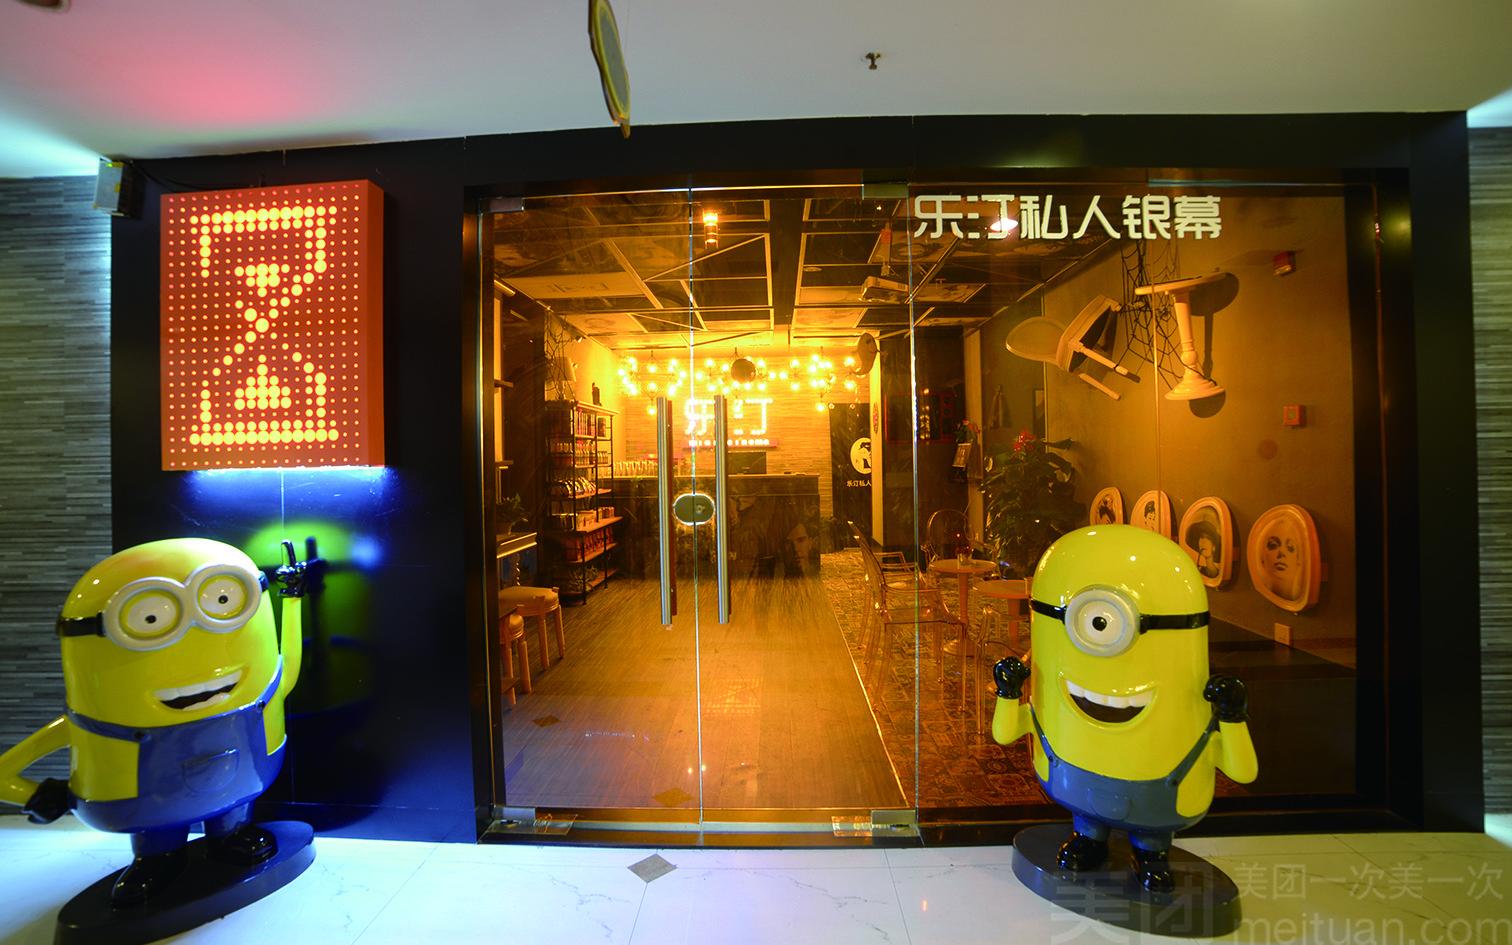 :长沙今日团购:【五一广场】乐汀私人影院仅售68元,价值168元上午场2-3人观影包间1次,免费WiFi!